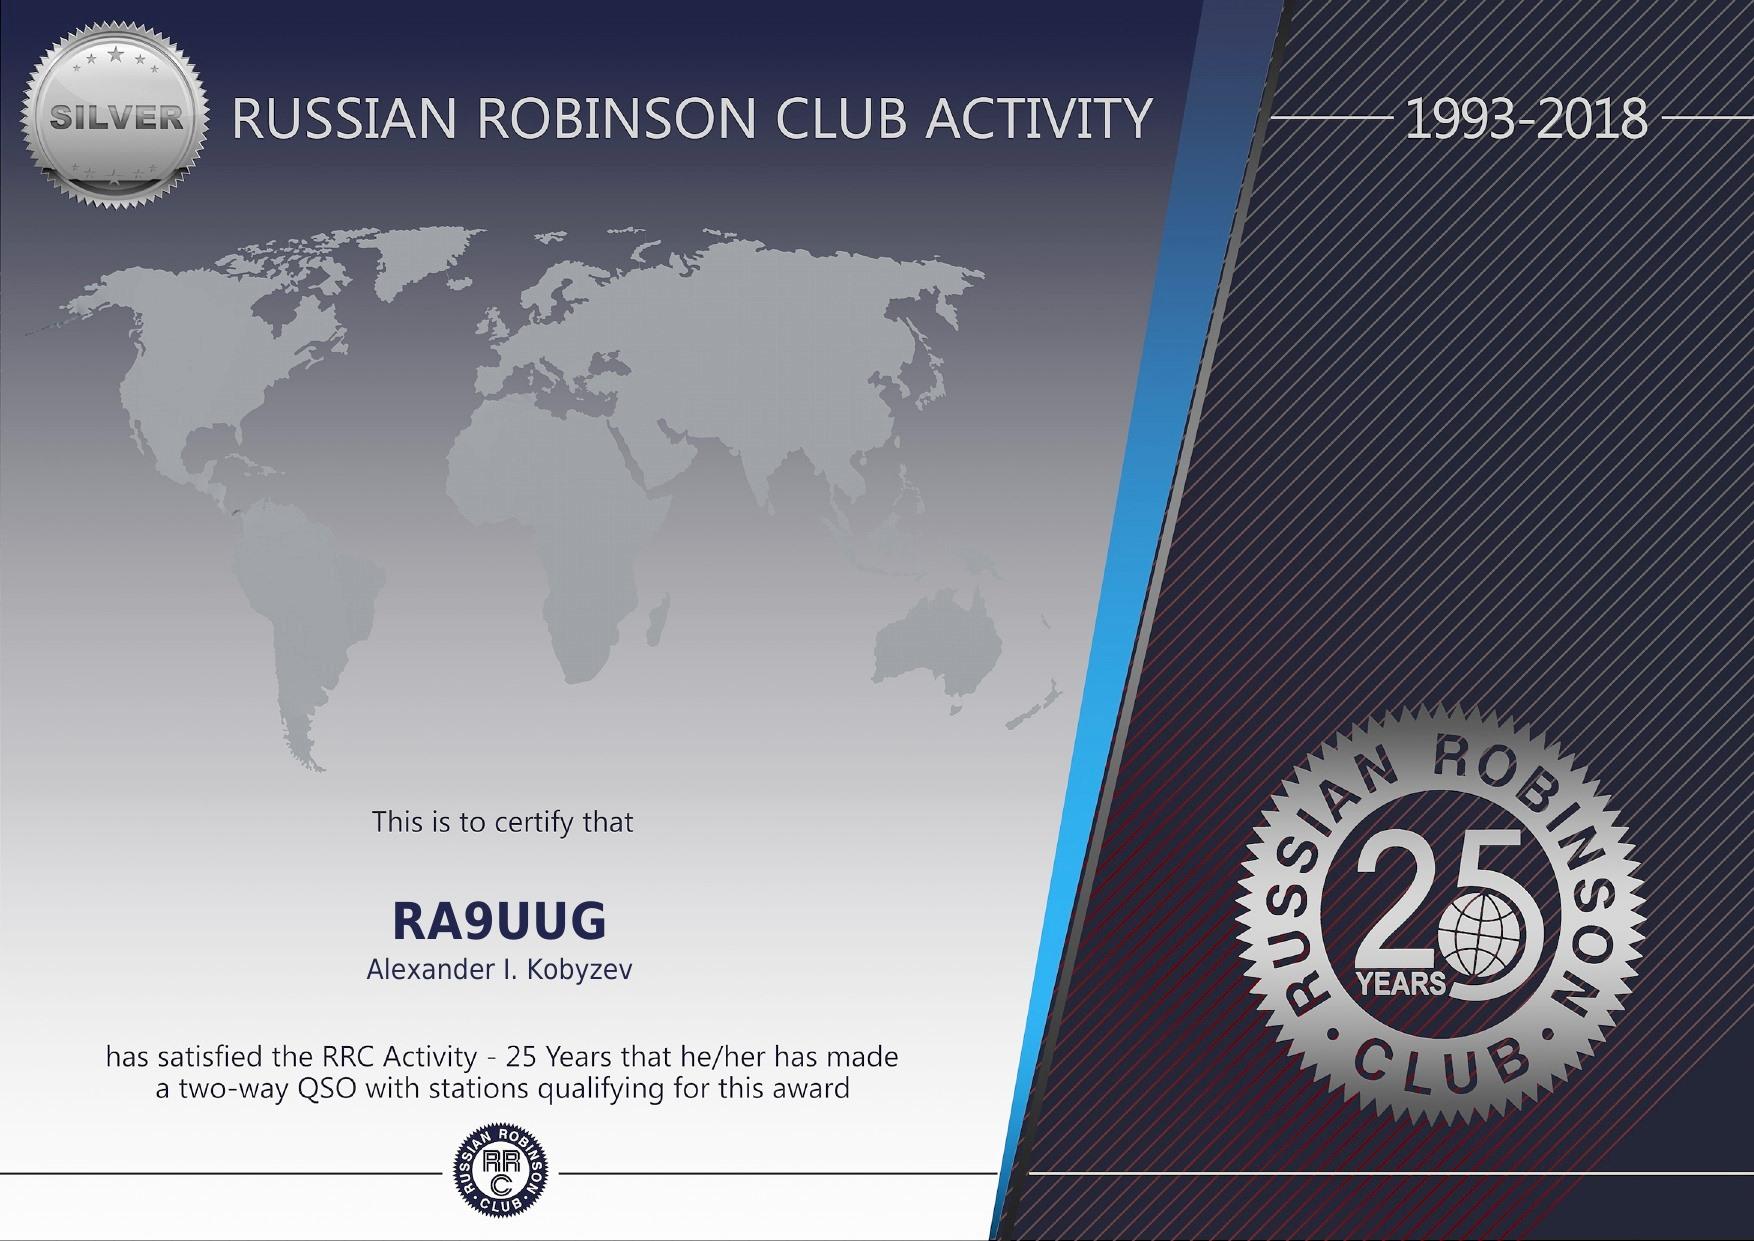 Нажмите на изображение для увеличения.  Название:RRC Activity 25 Silver.jpg Просмотров:6 Размер:421.5 Кб ID:217647